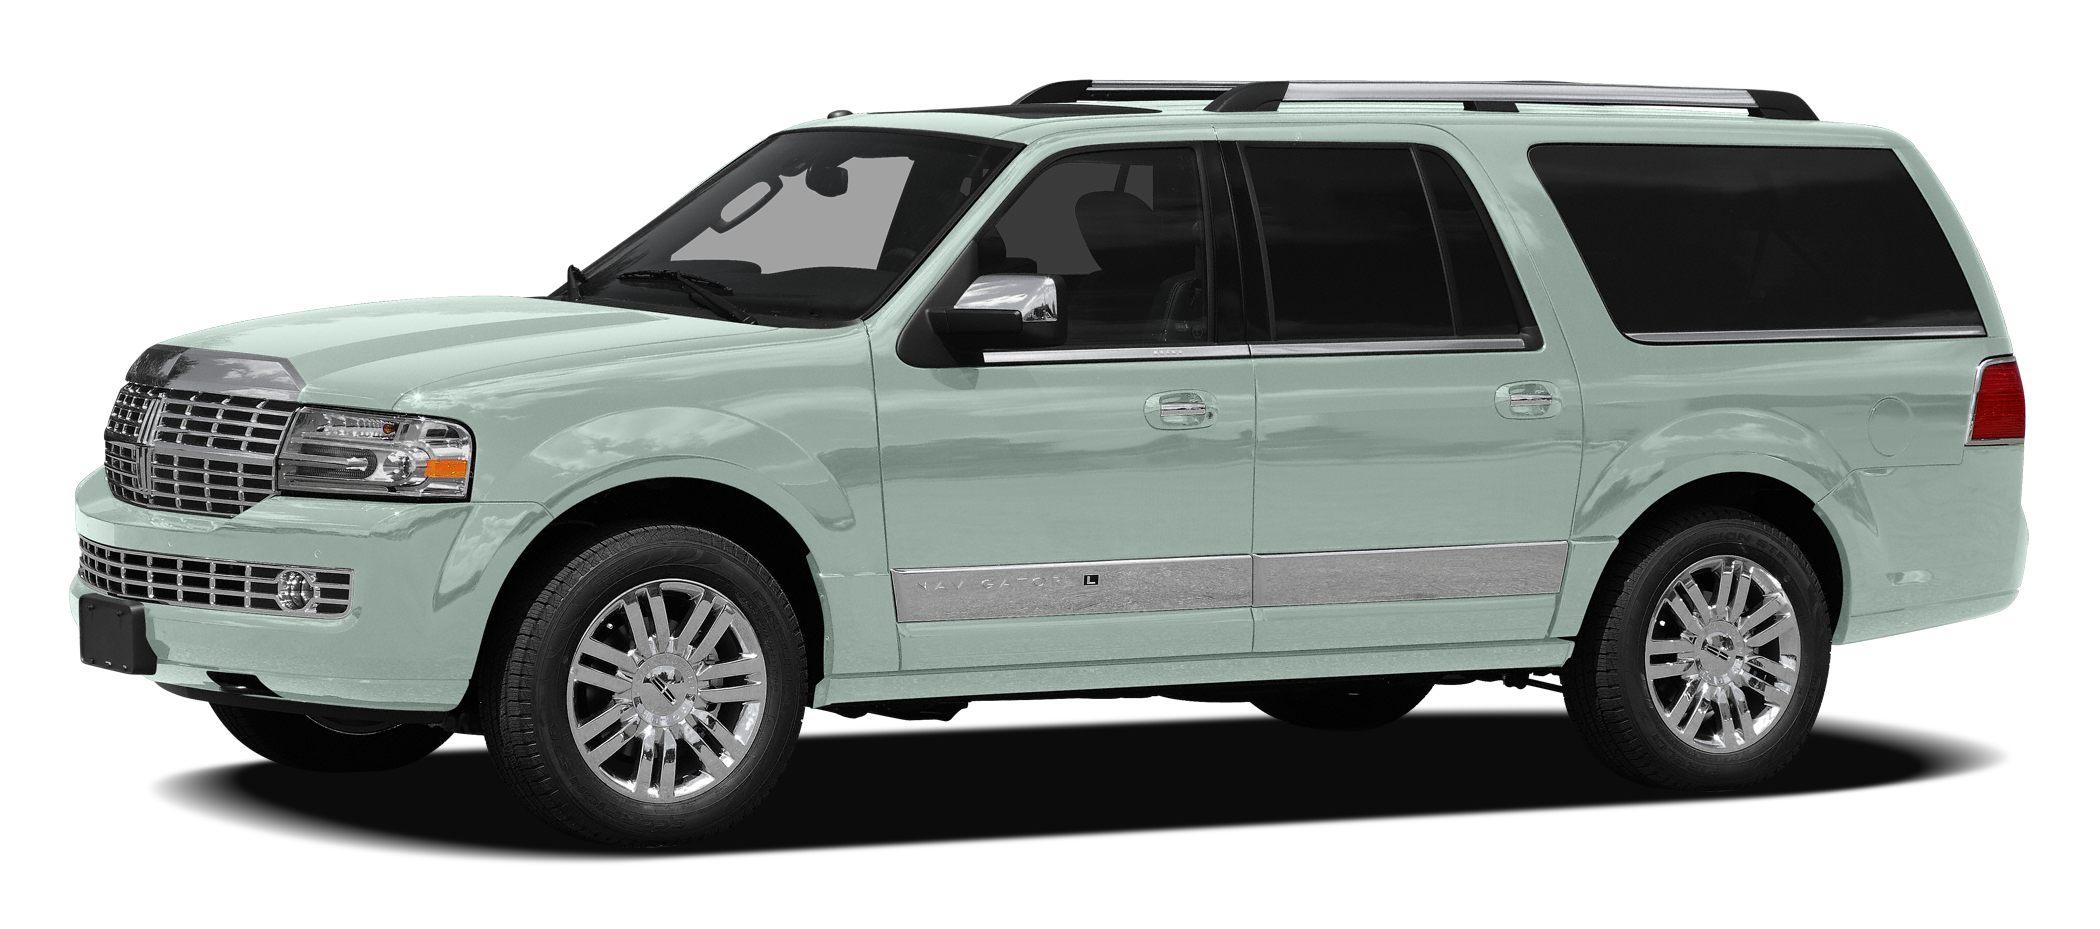 2010 Lincoln Navigator L Miles 133503Color Silver Stock 16EX5A VIN 5LMJJ3J56AEJ01523